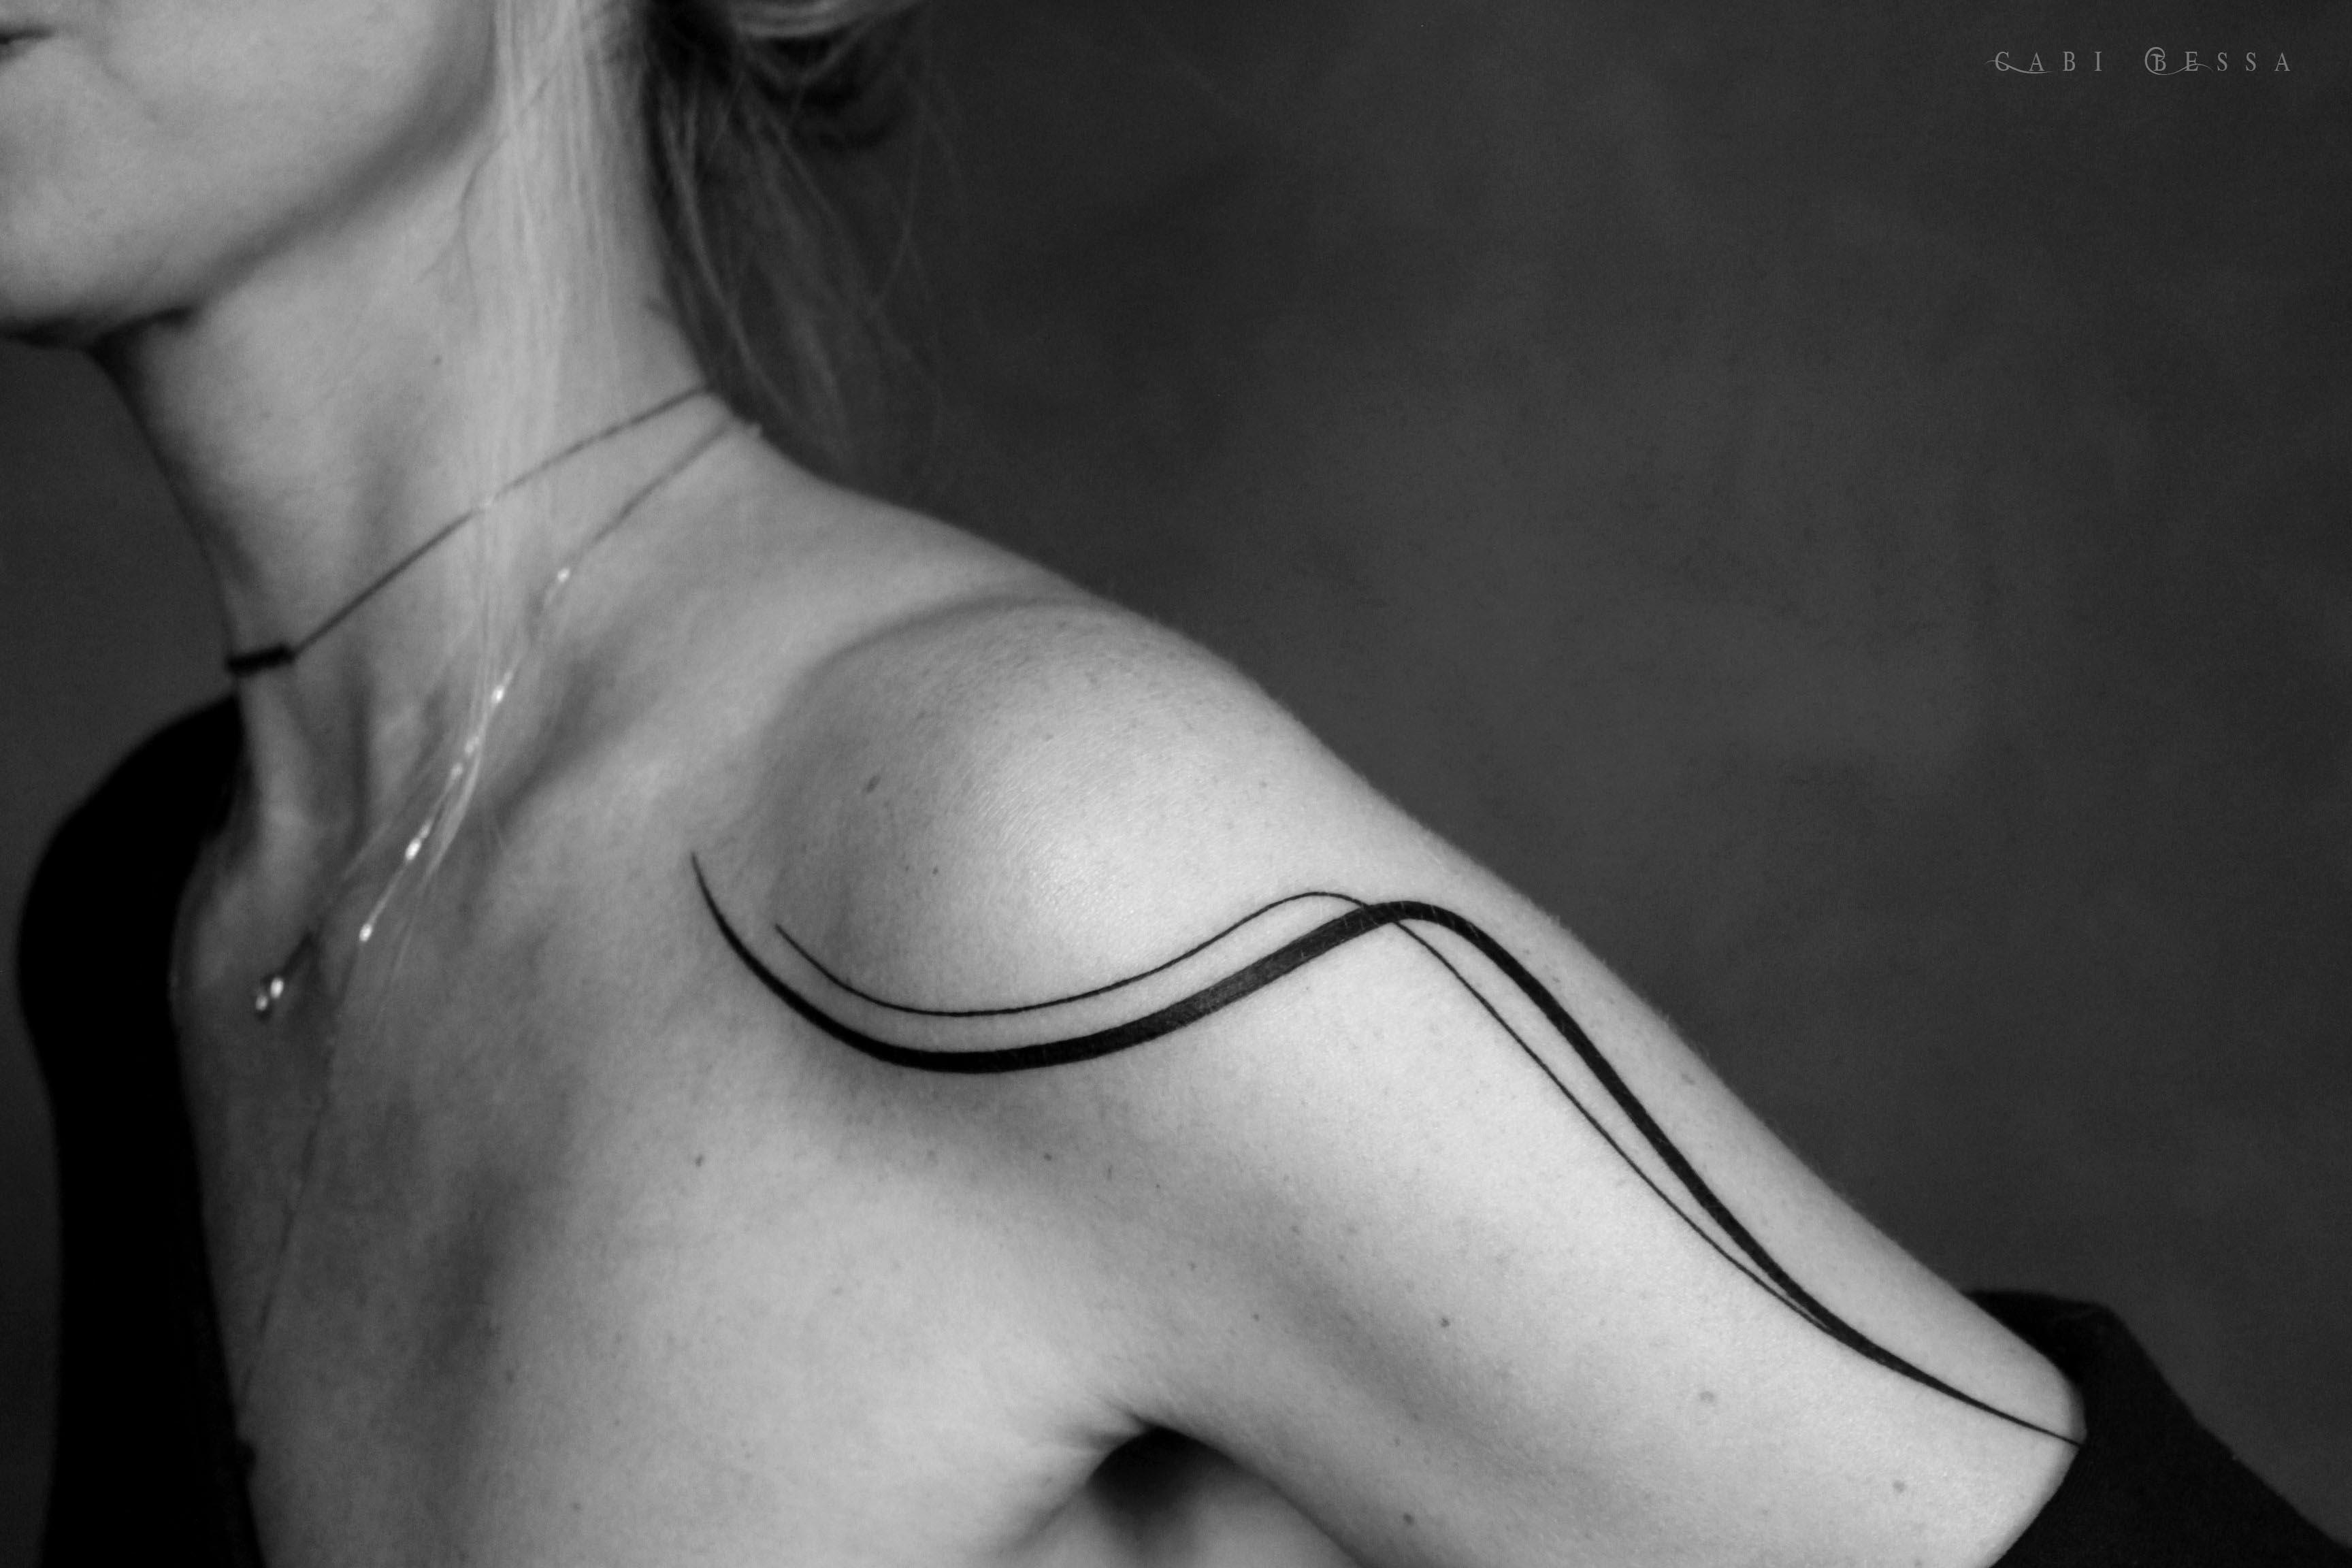 camila-bertoli-gabi-bessa-tattoo-4-pb-g